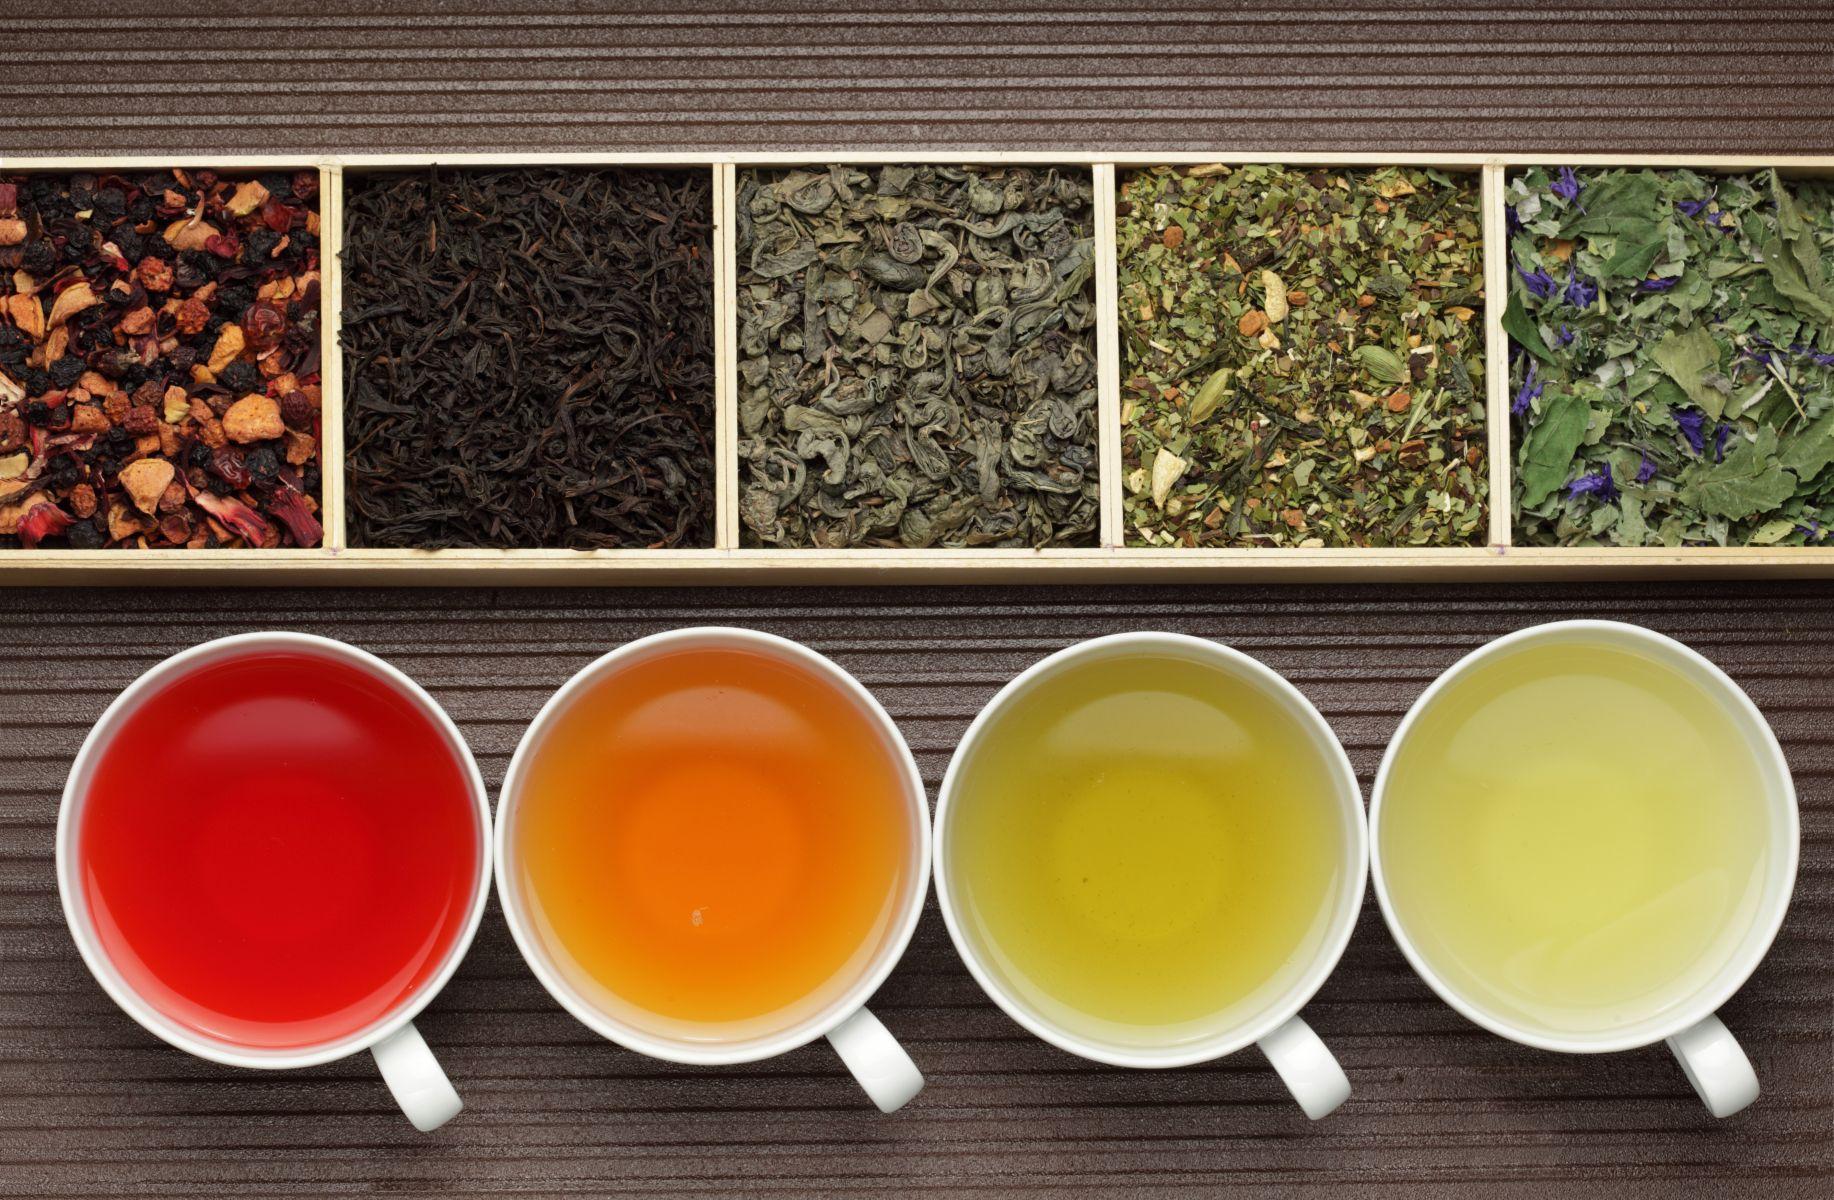 護心又防癌!最「潮」的健康飲料─茶 預防6大類疾病